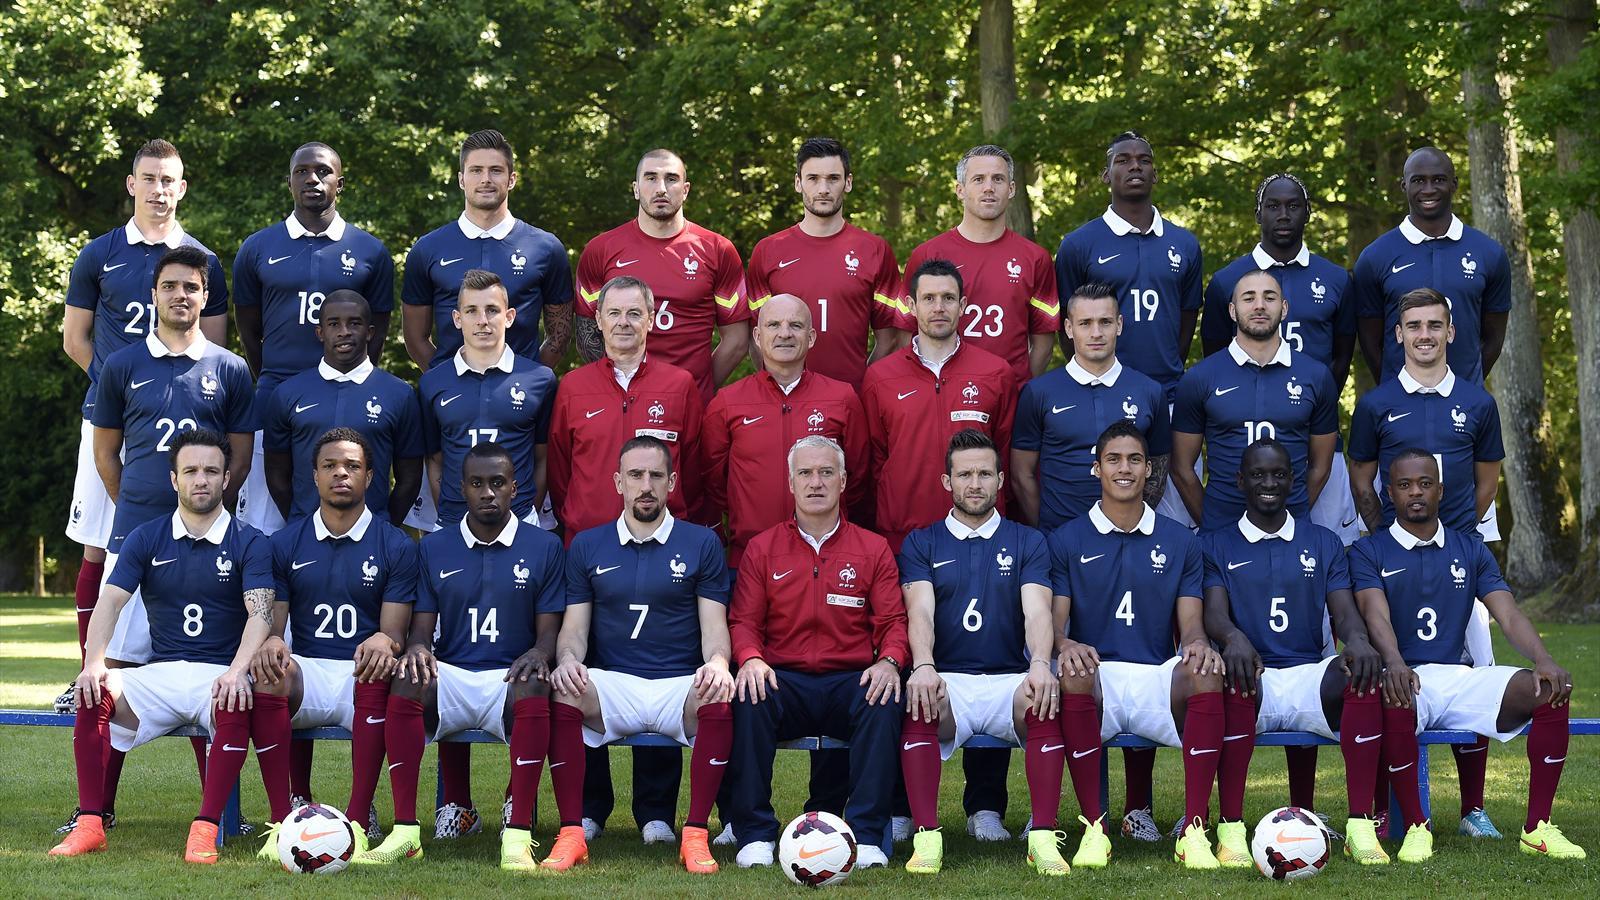 La photo officielle des bleus pour la coupe du monde - Coupe du monde 1994 equipe de france ...